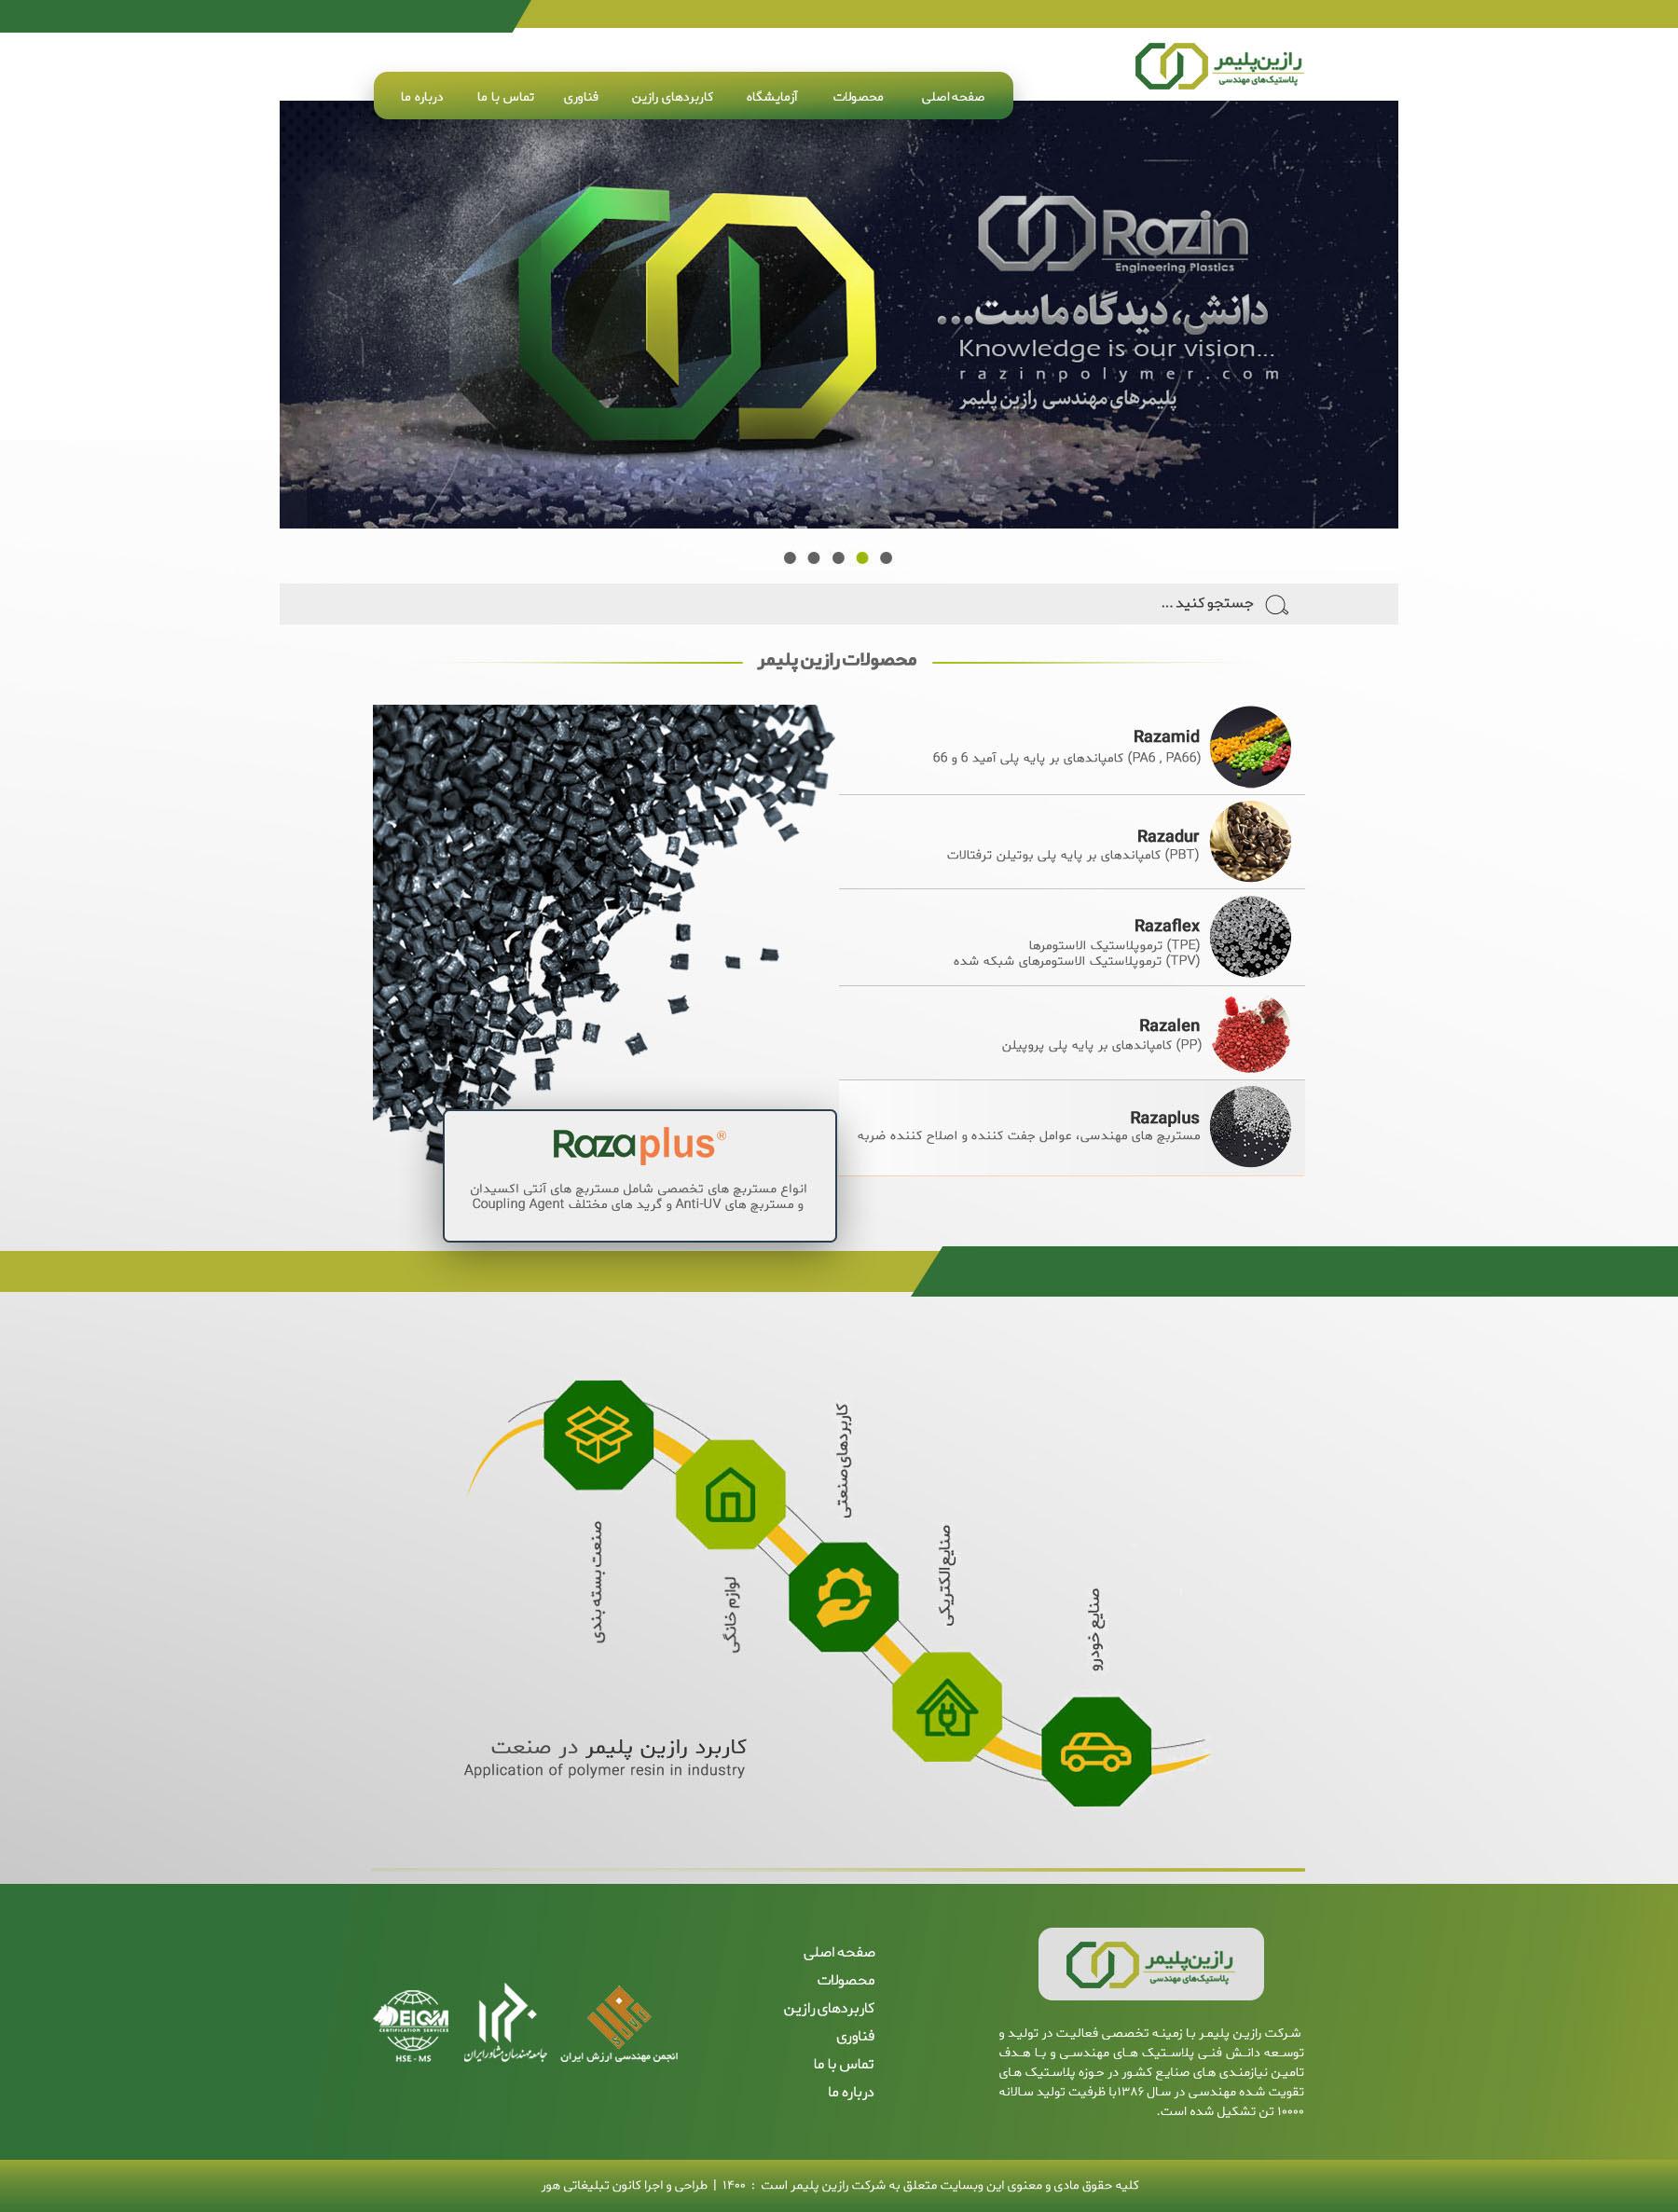 وبسایت شرکت رازین پلیمر